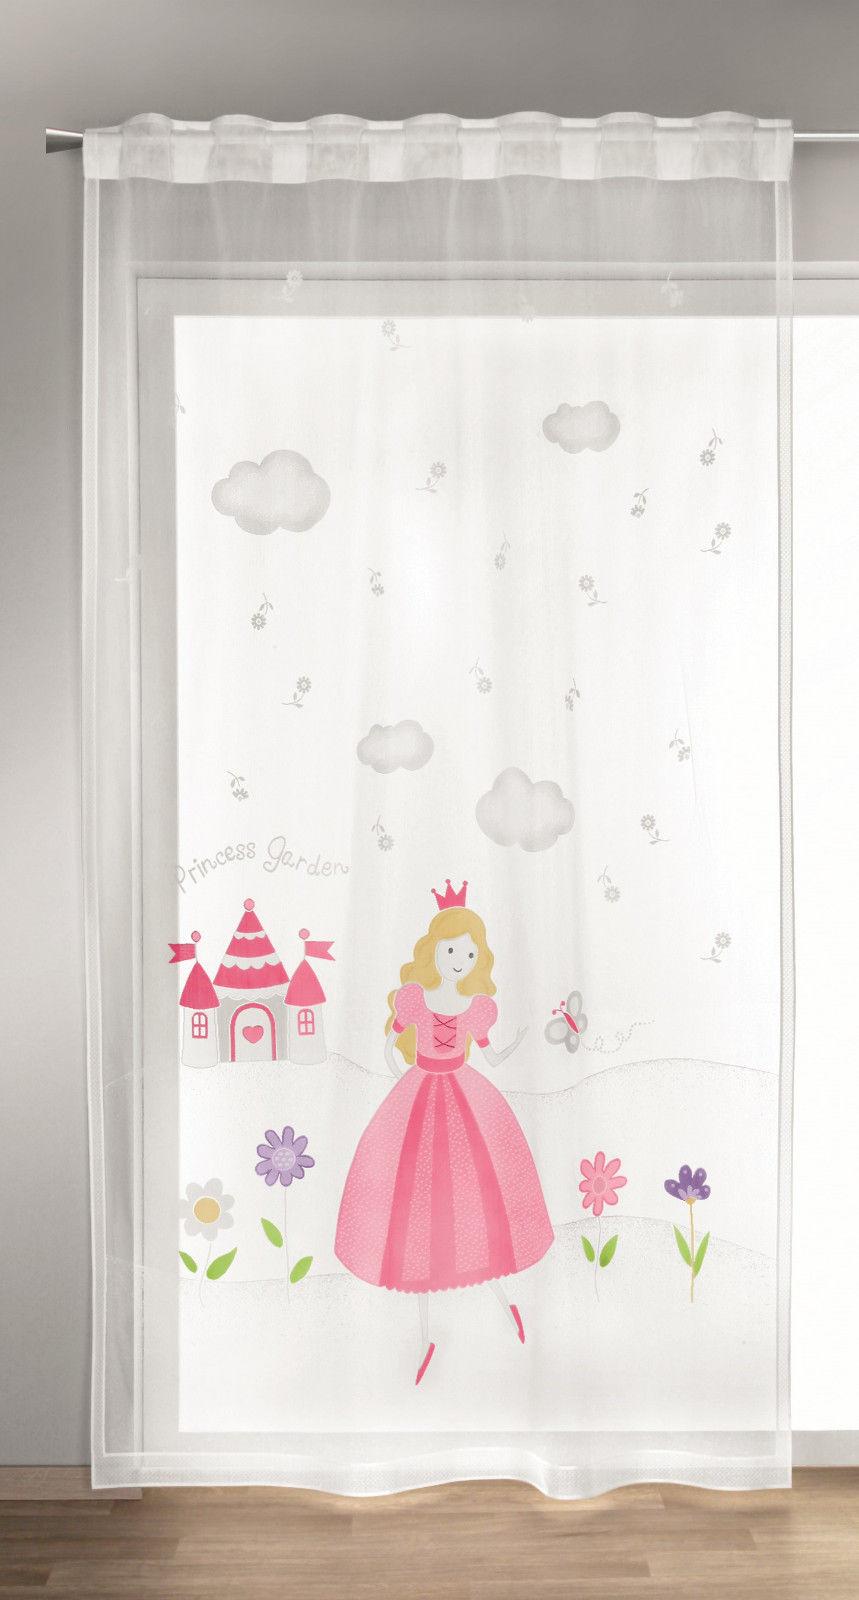 Full Size of Schlaufenschal Kinderzimmer Prinzessin Bxh 140x245cm Verdeckte Schlaufen Regal Weiß Regale Sofa Kinderzimmer Schlaufenschal Kinderzimmer